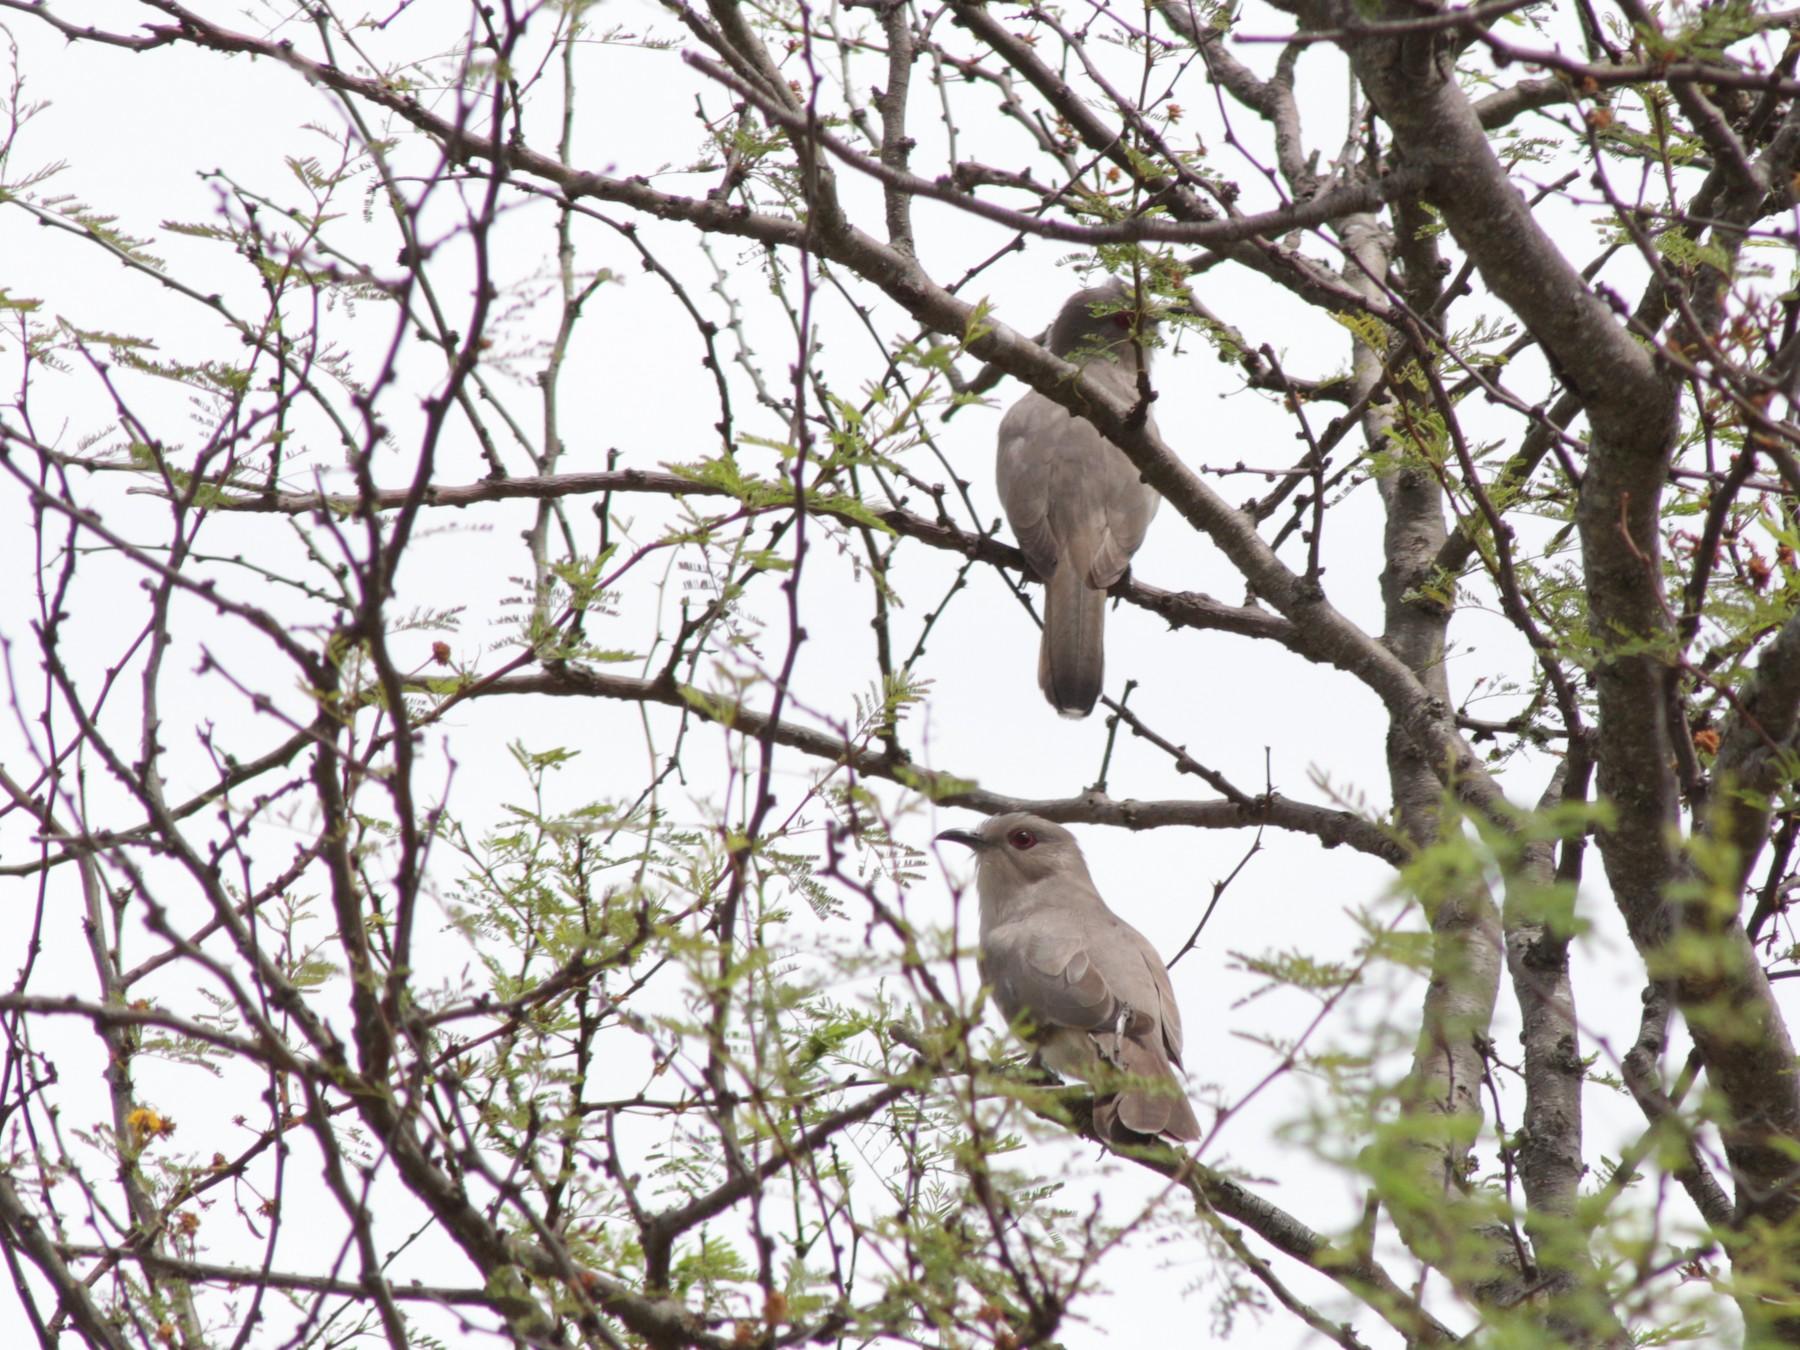 Ash-colored Cuckoo - Germán Saigo